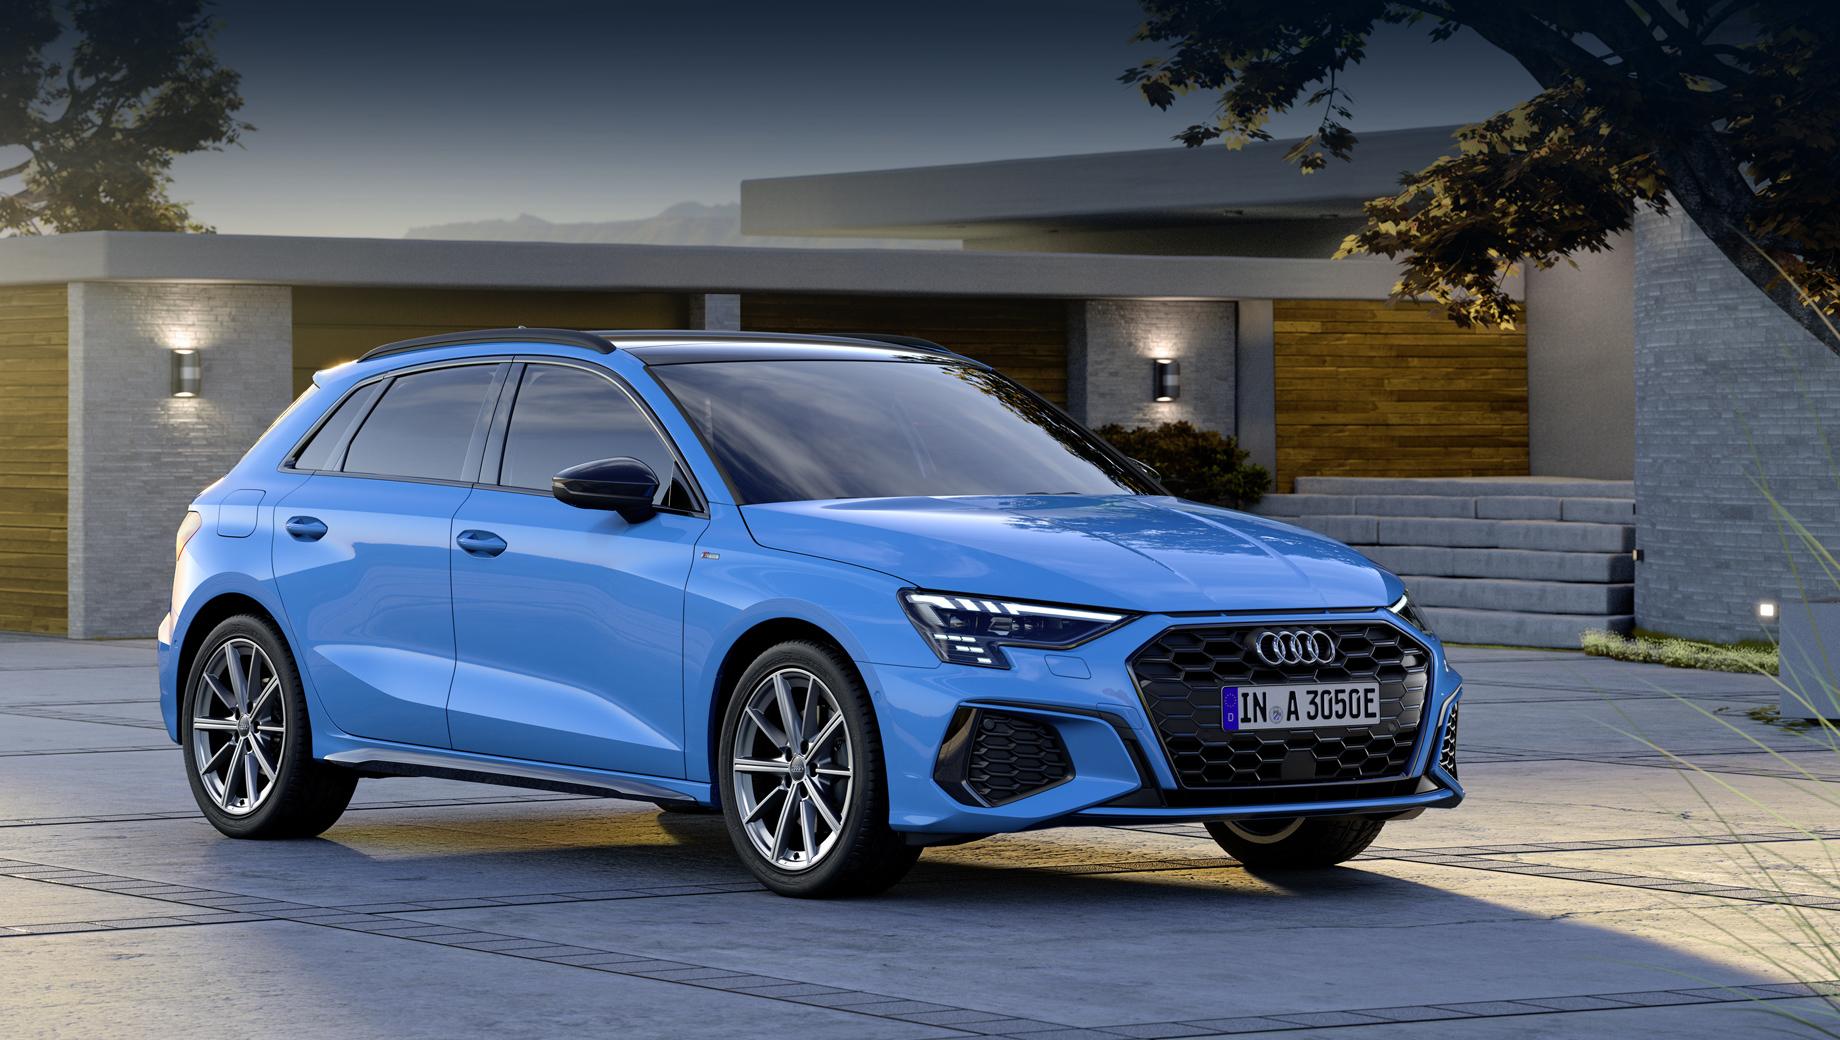 Audi a3. Новая версия «а-третьей» поступит в продажу в Германии в течение осени по стартовой цене 37 470 евро (3,45 млн рублей), без учёта правительственных льгот, предоставляемых покупателям «зелёных» легковушек.